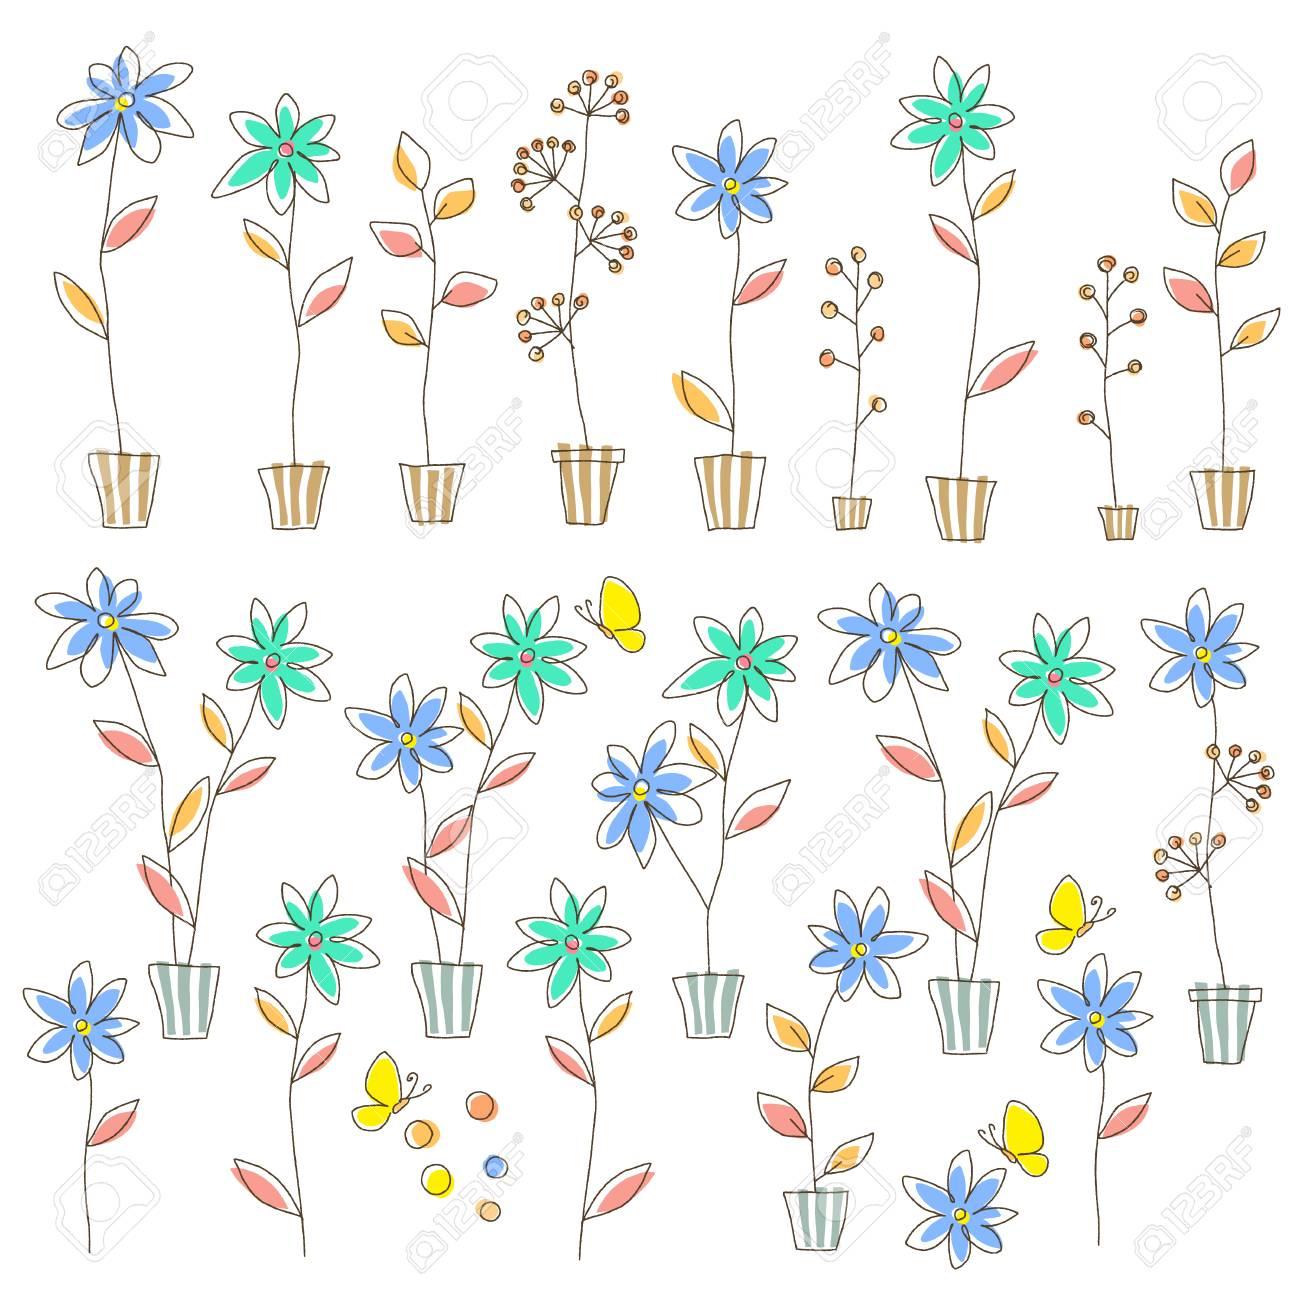 簡単な園芸植物イラストのイラスト素材ベクタ Image 83178399